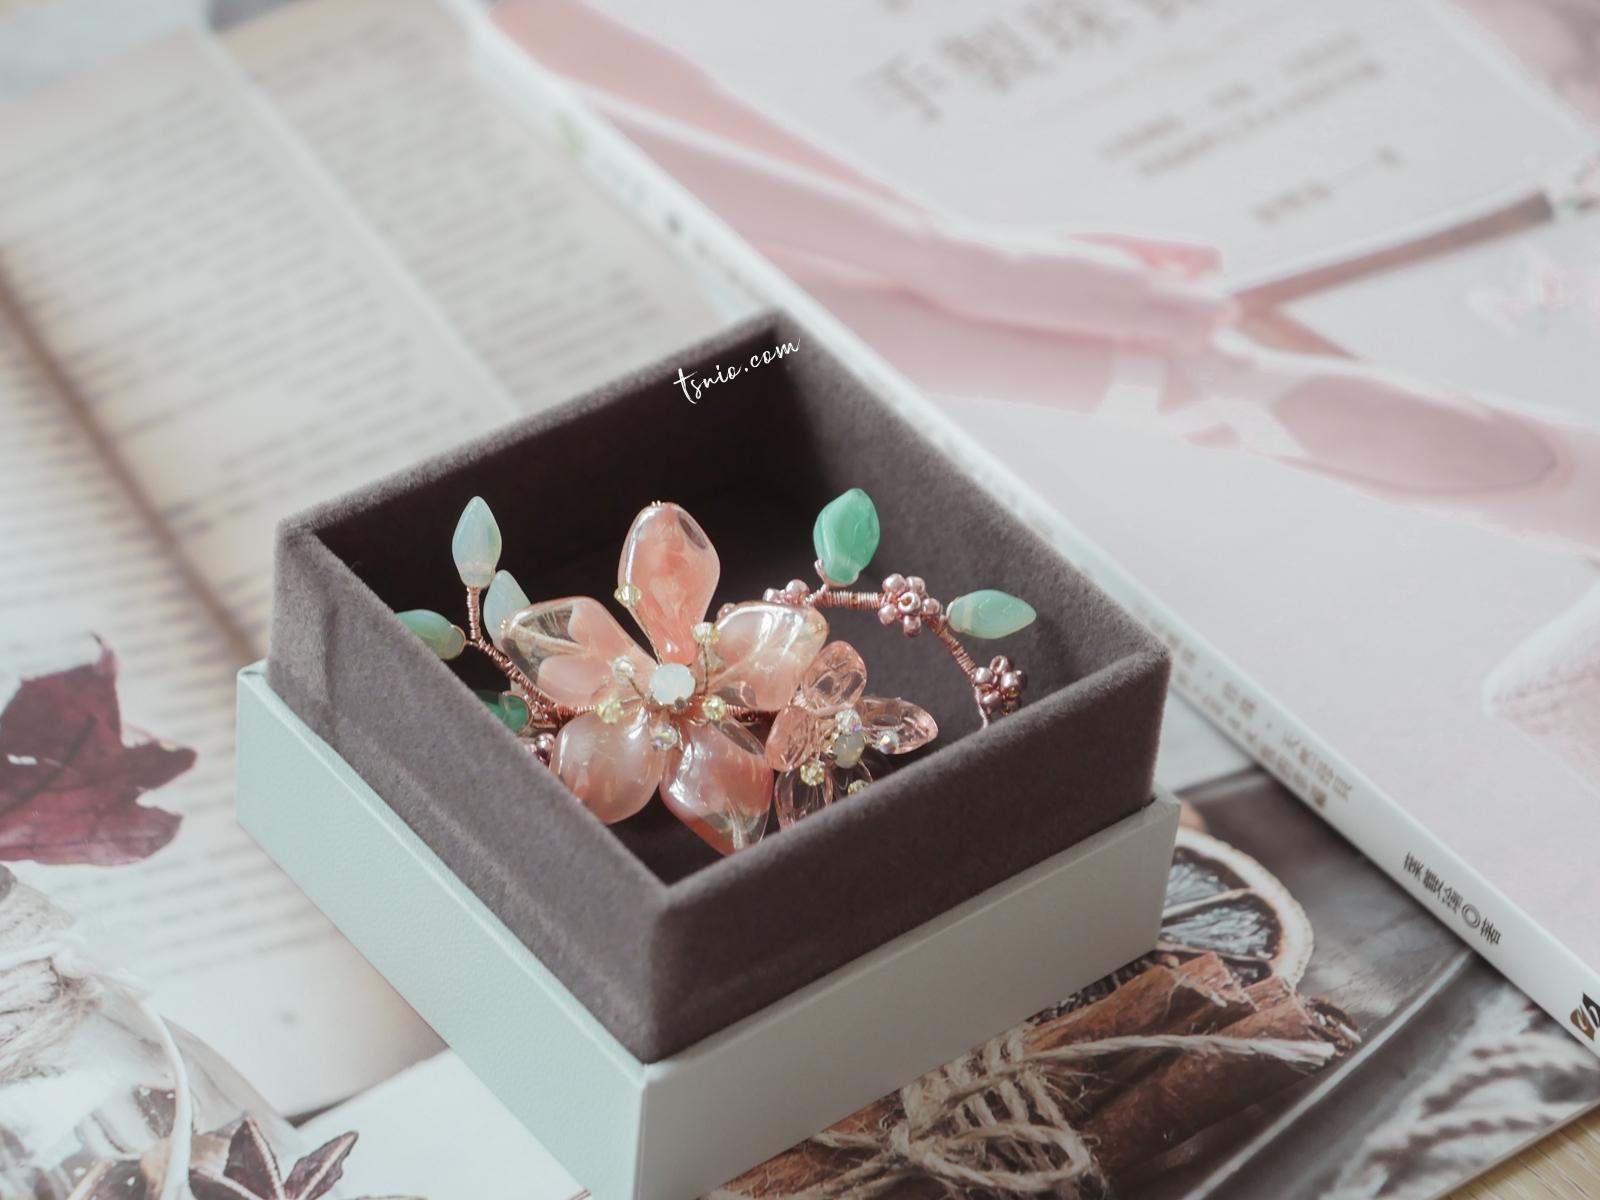 花寓 YU Florist 獨特手作珠寶花藝 櫻花精靈線上課程分享